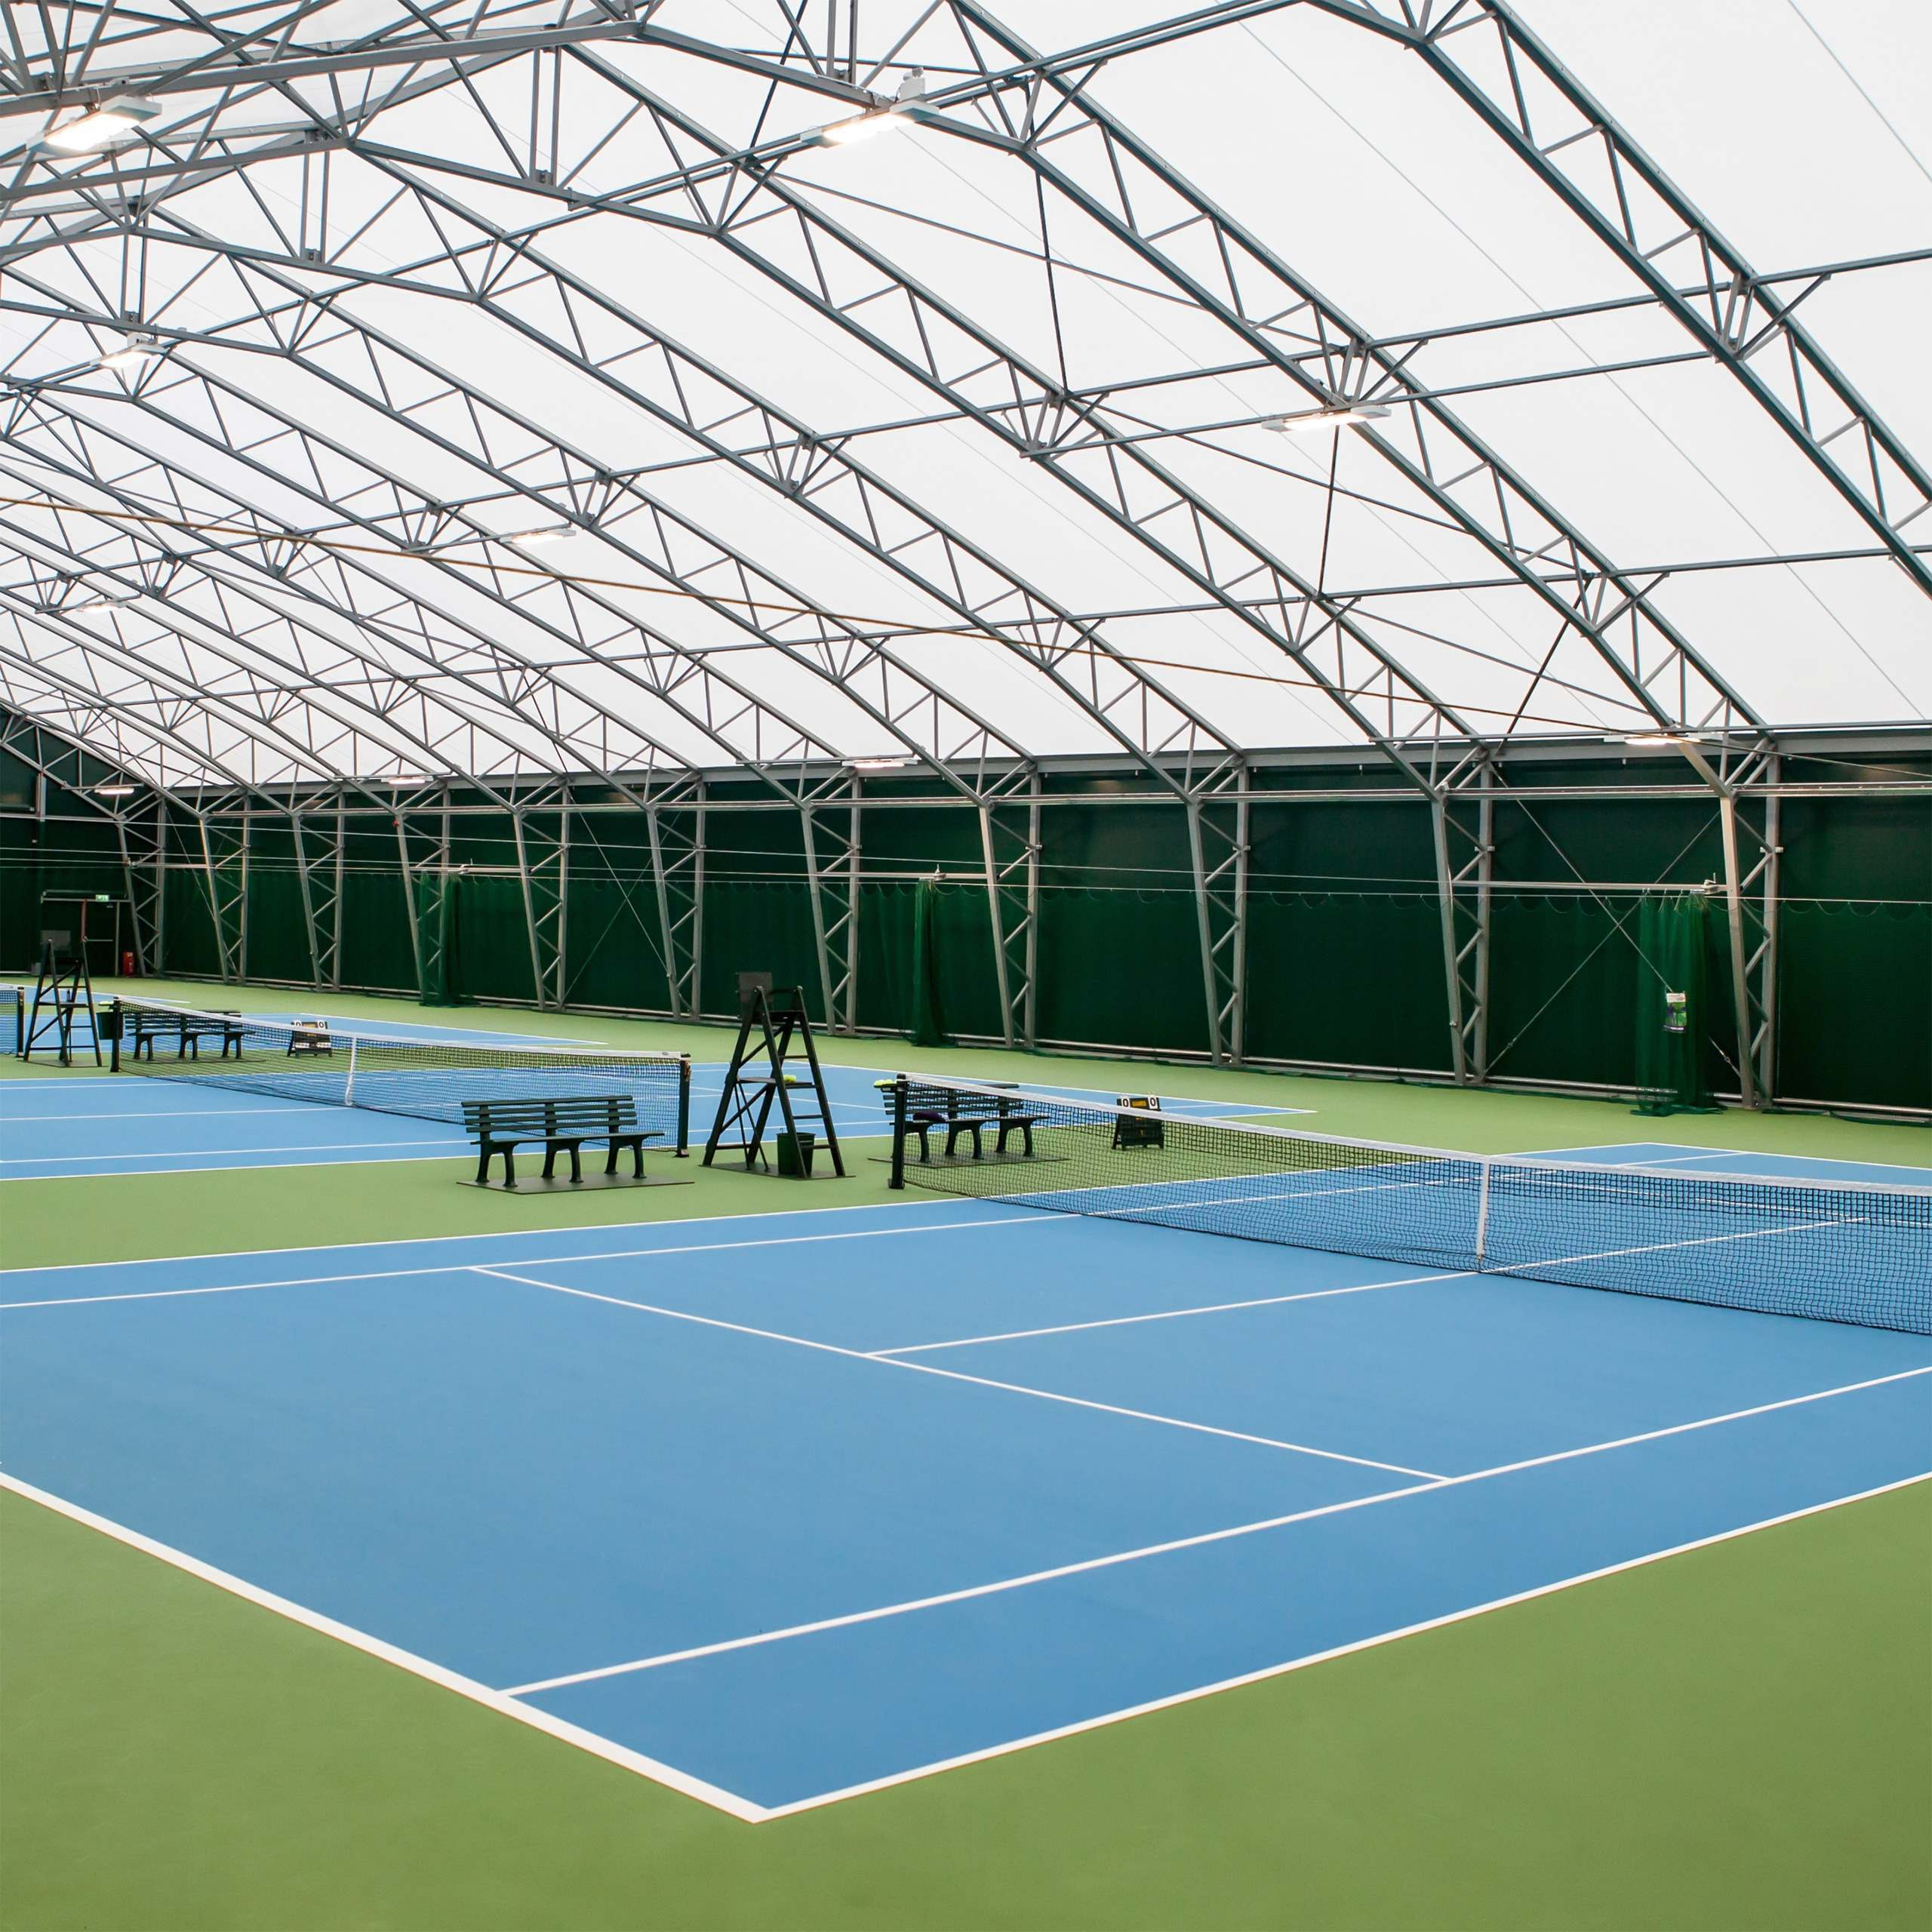 Vermont Tennis Court - Nets & Posts #2